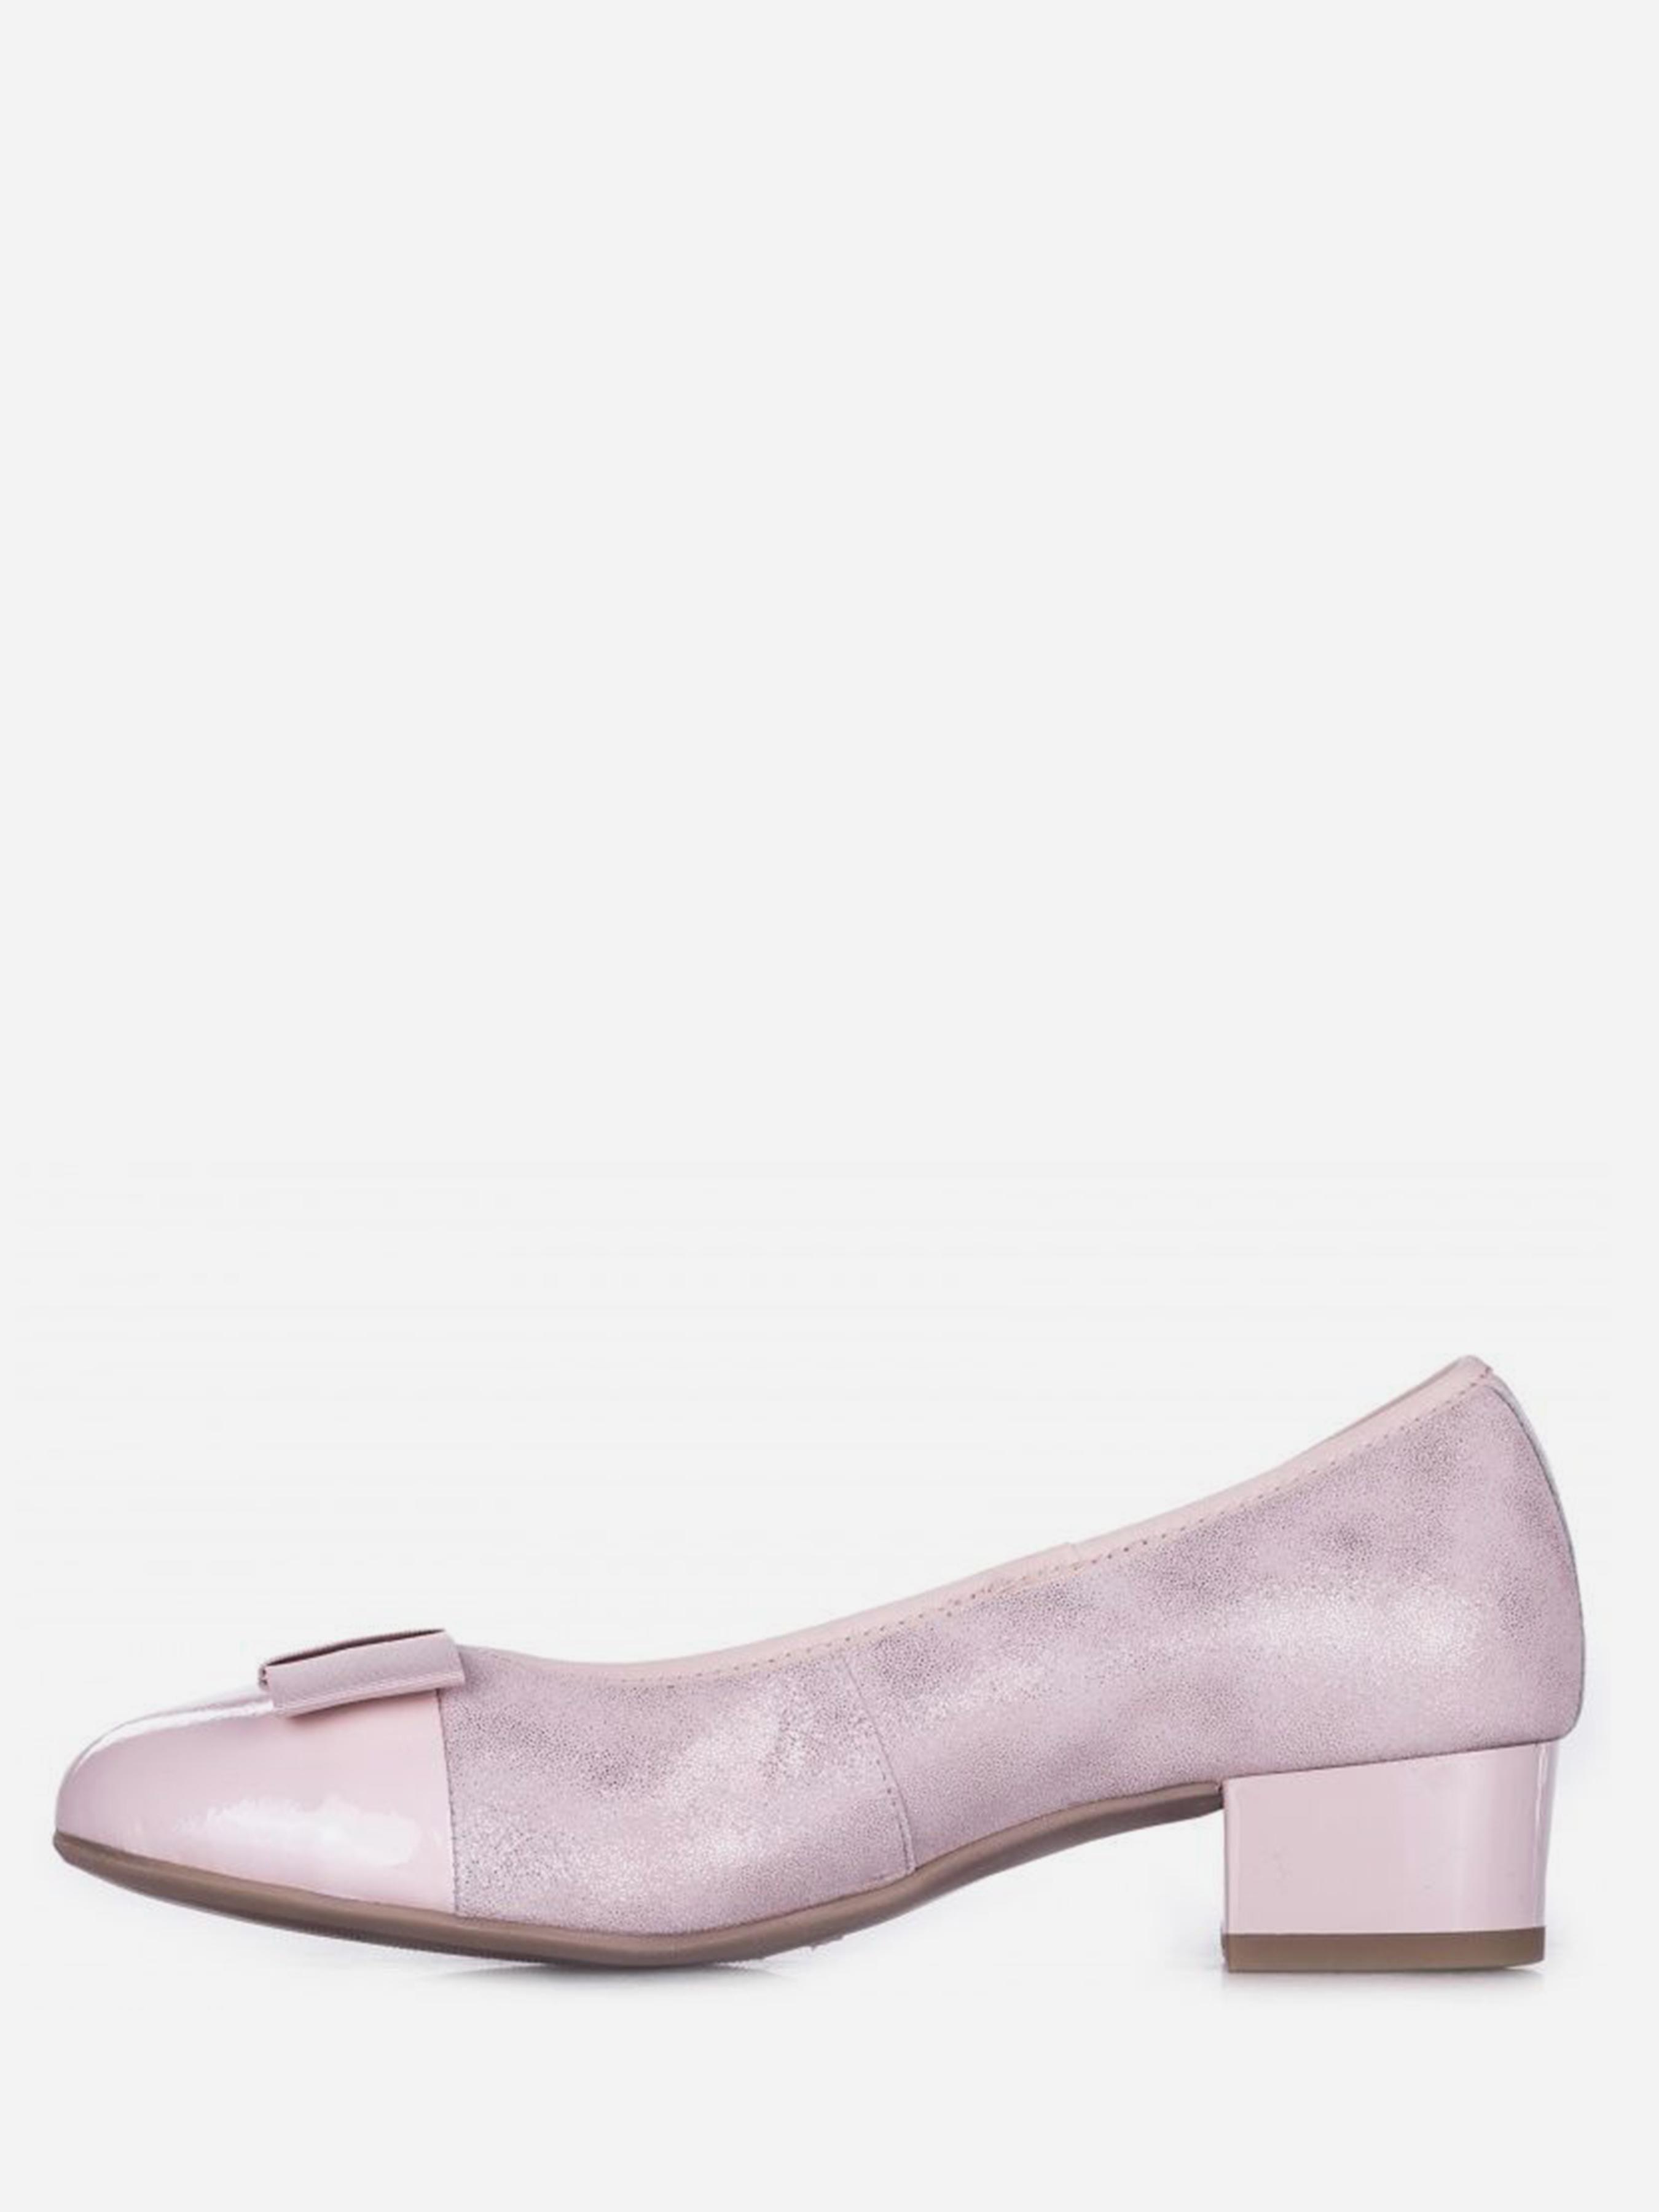 Туфлі  для жінок Caprice EO213 ціна, 2017